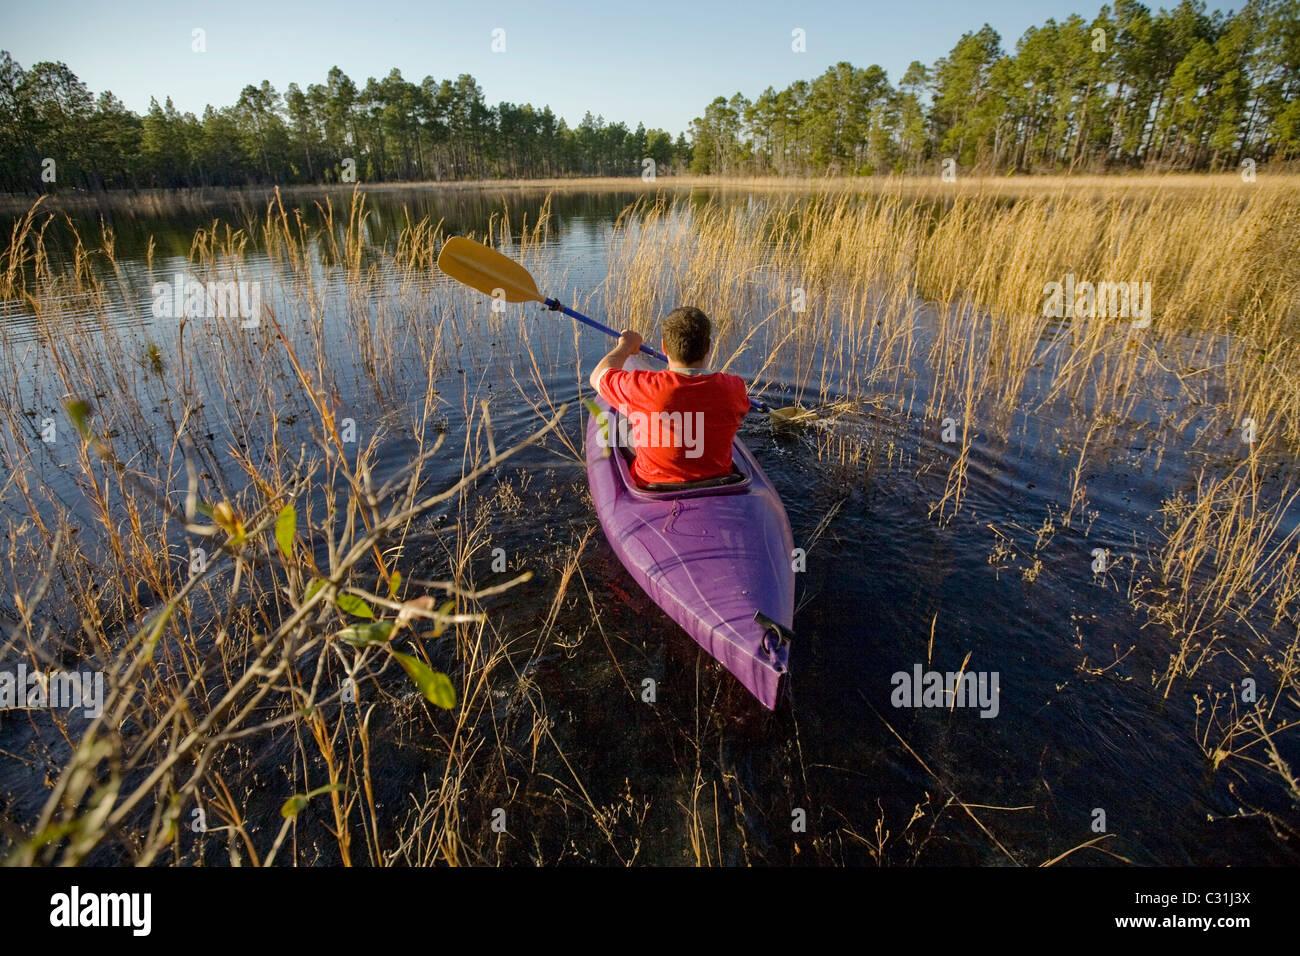 Un homme à travers une partie de kayaks le Marais Vert dans le sud-est de Caroline du Nord. Photo Stock